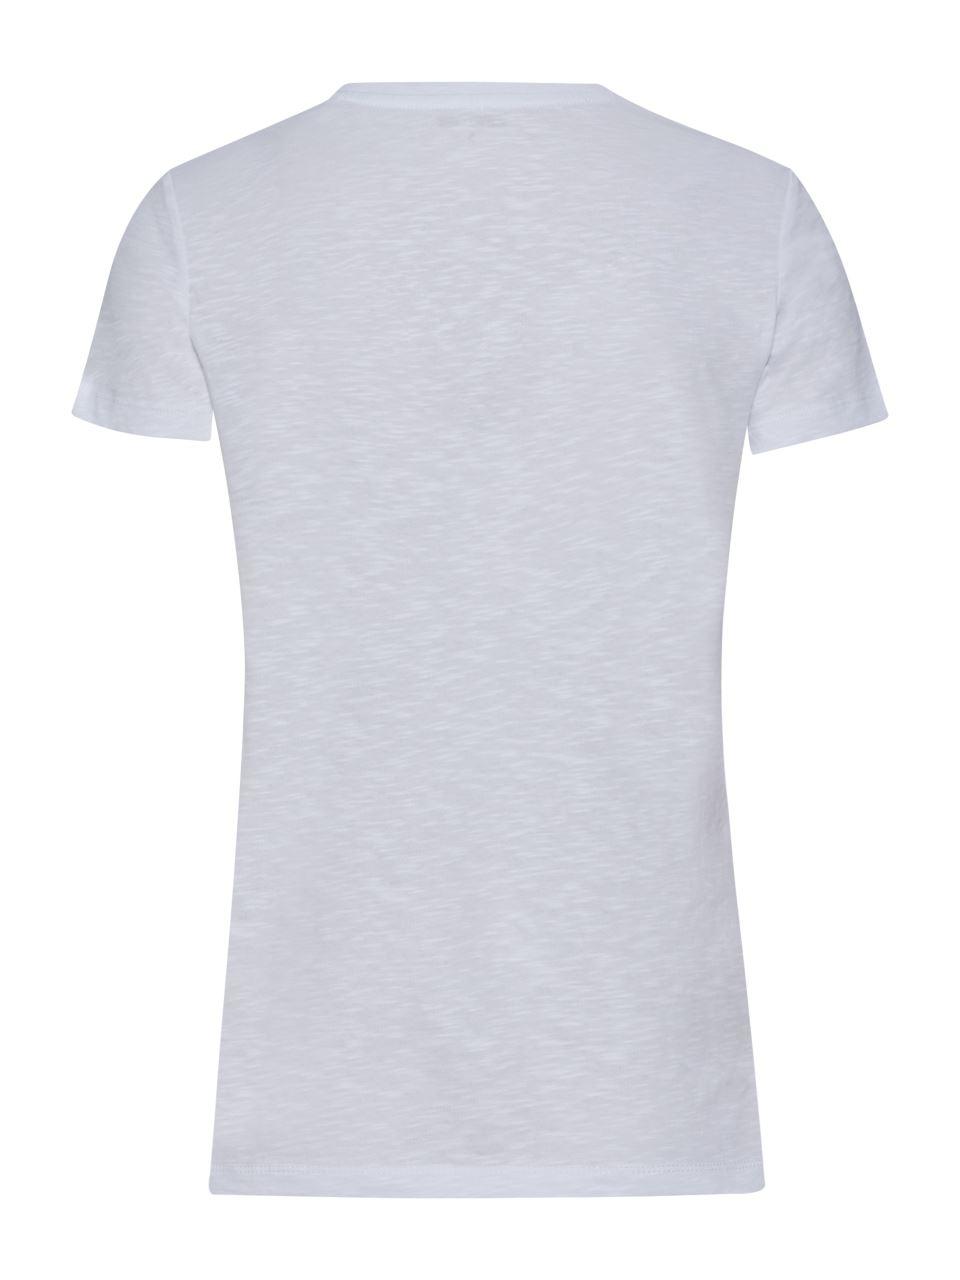 Galatasaray V Yaka Kadın Tshirt K191201